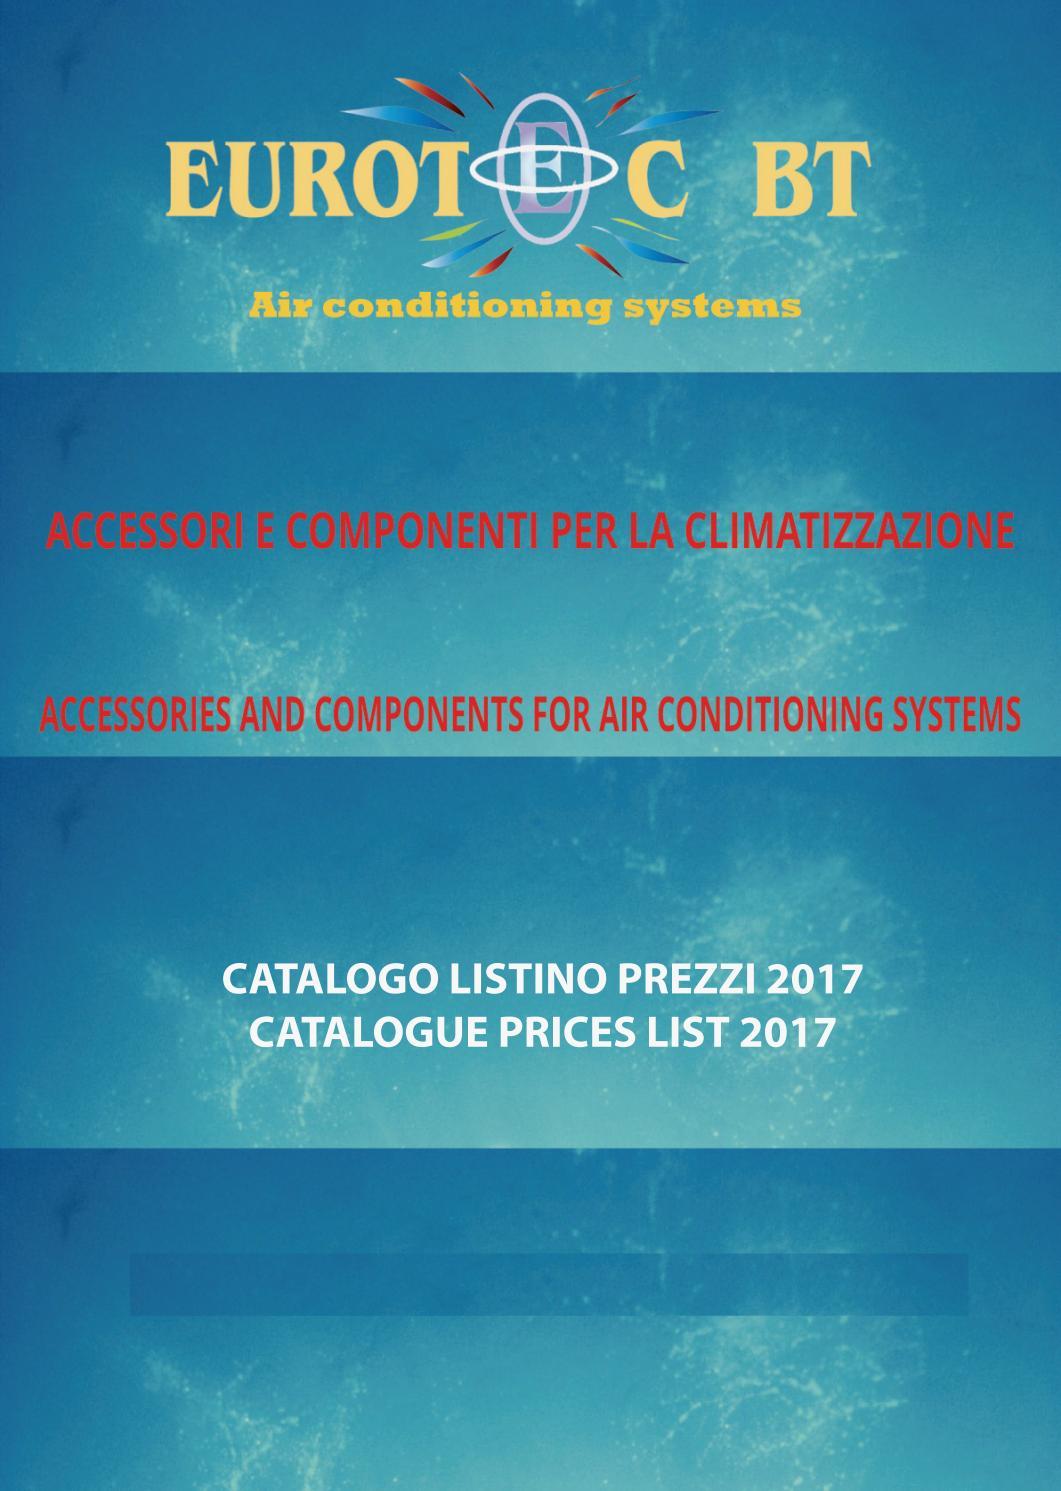 Connettore connessione raccordo 150mm aspiratore condotta tubo pvc adattatore g